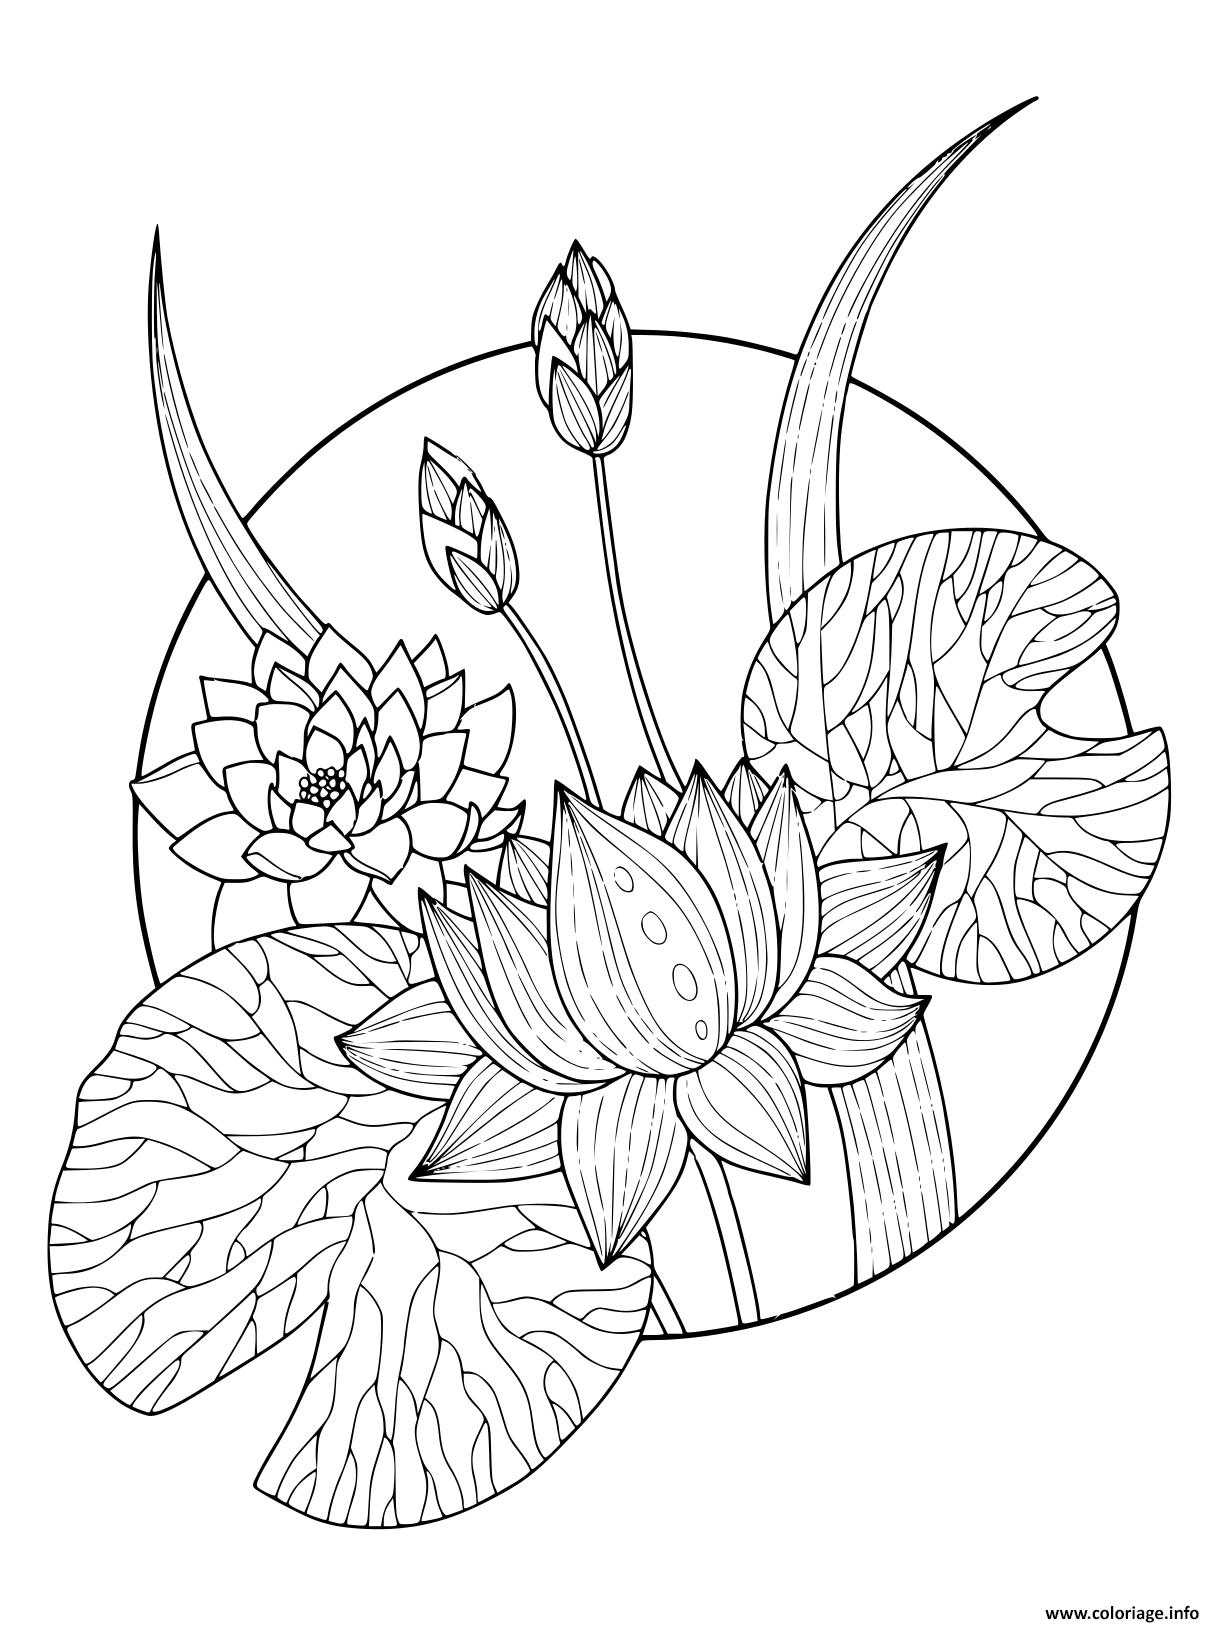 Coloriage Magnifique Fleurs Lotus Dessin Fleurs à imprimer